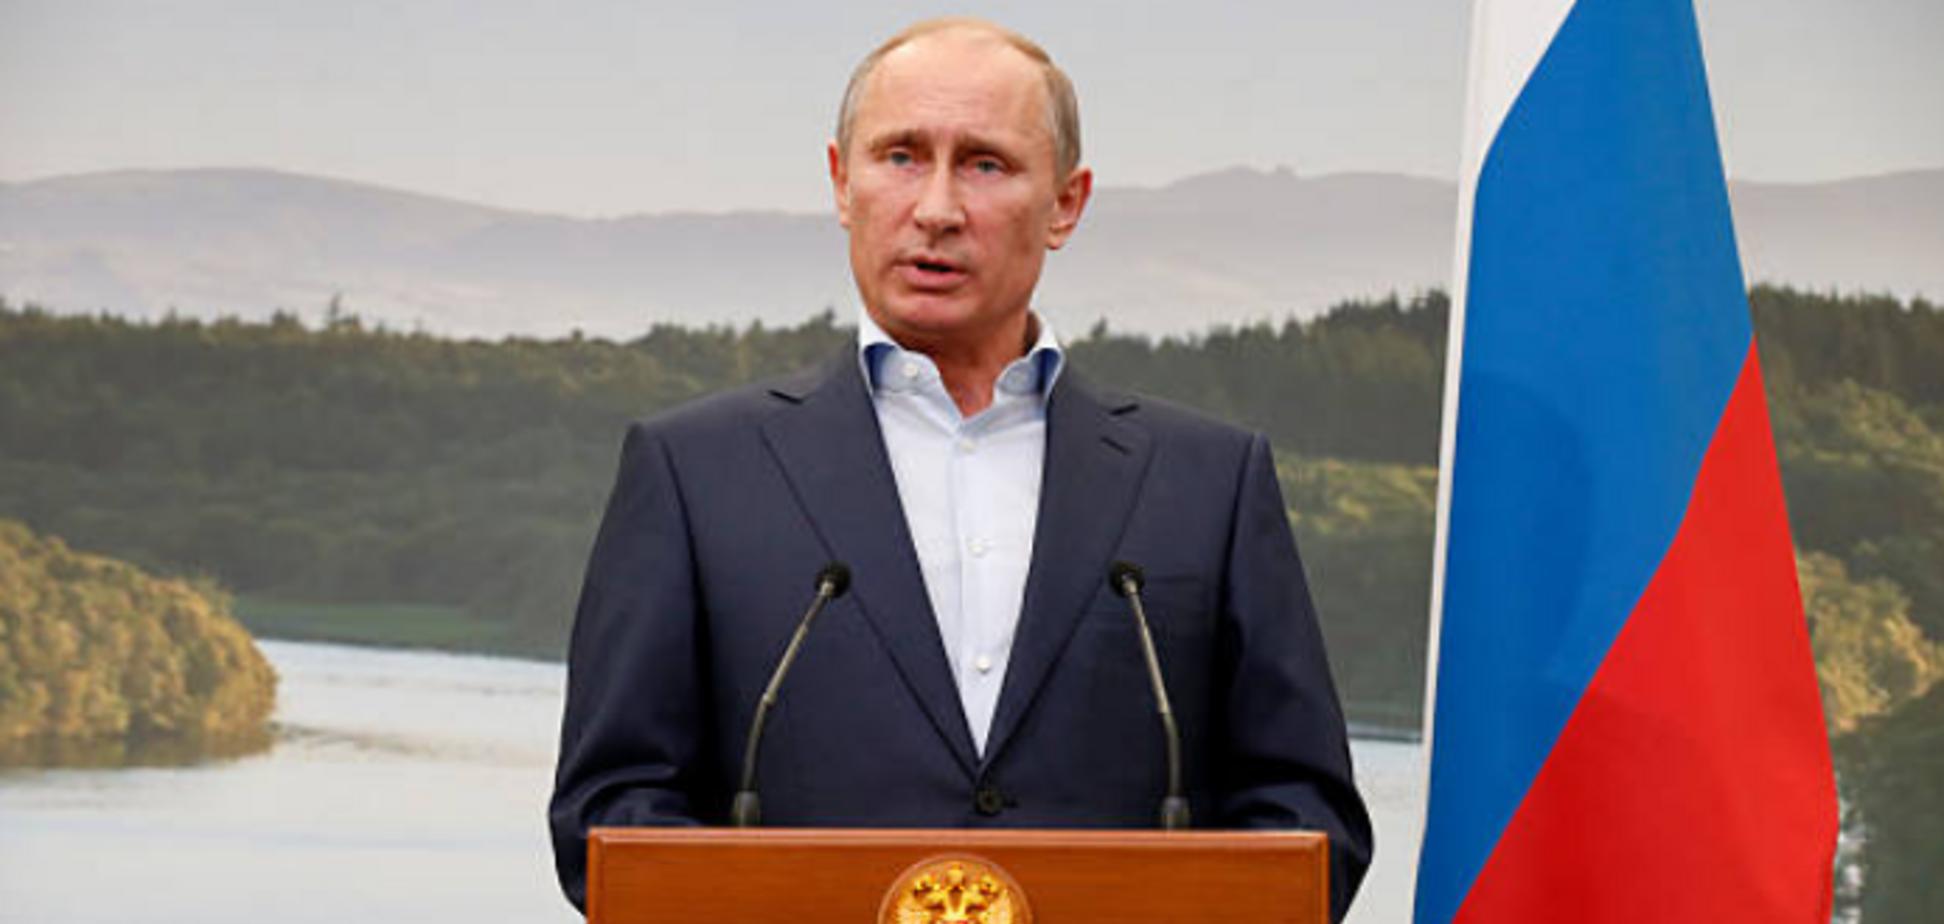 'Путин хотел бы выглядеть миротворцем': раскрыты подробности переговоров США и РФ по Украине